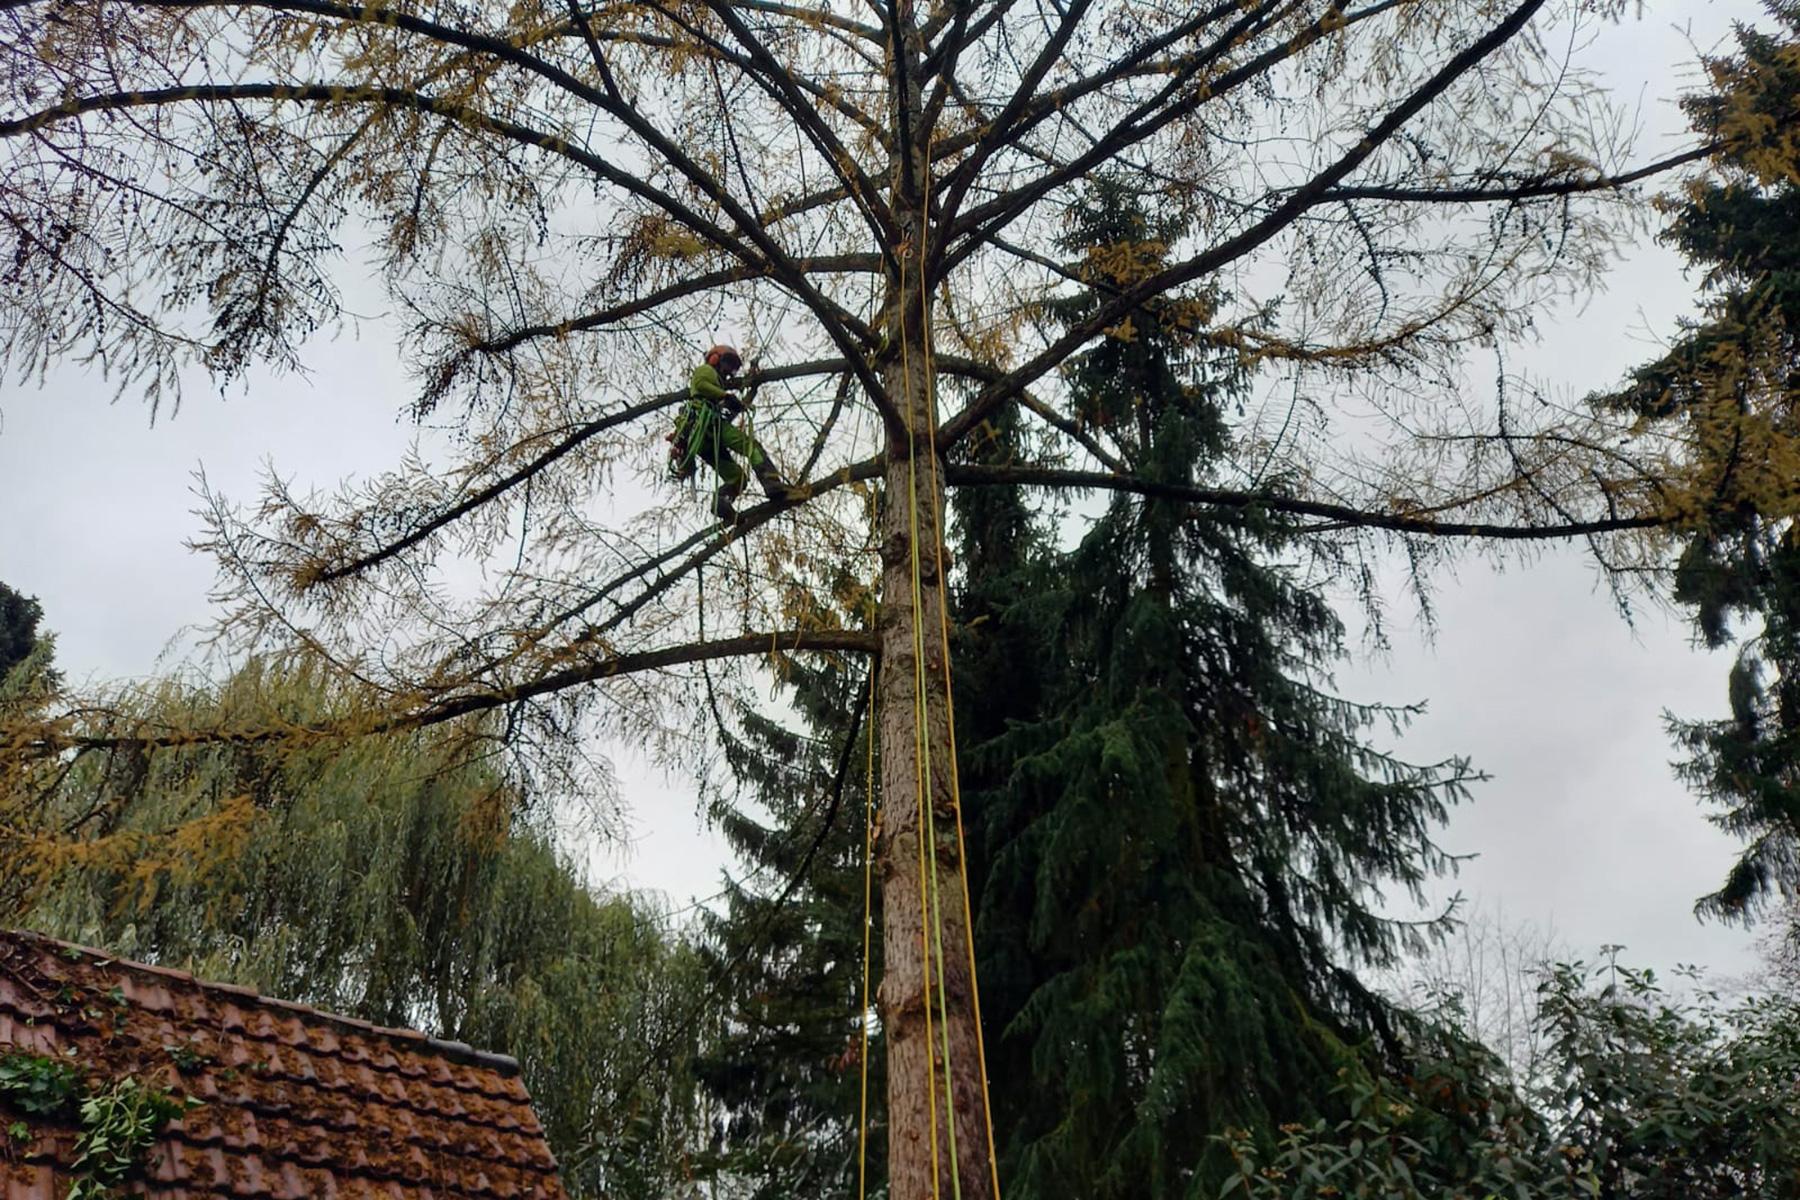 Baumdienst Baumpflege Baumfällung Baumkletterer